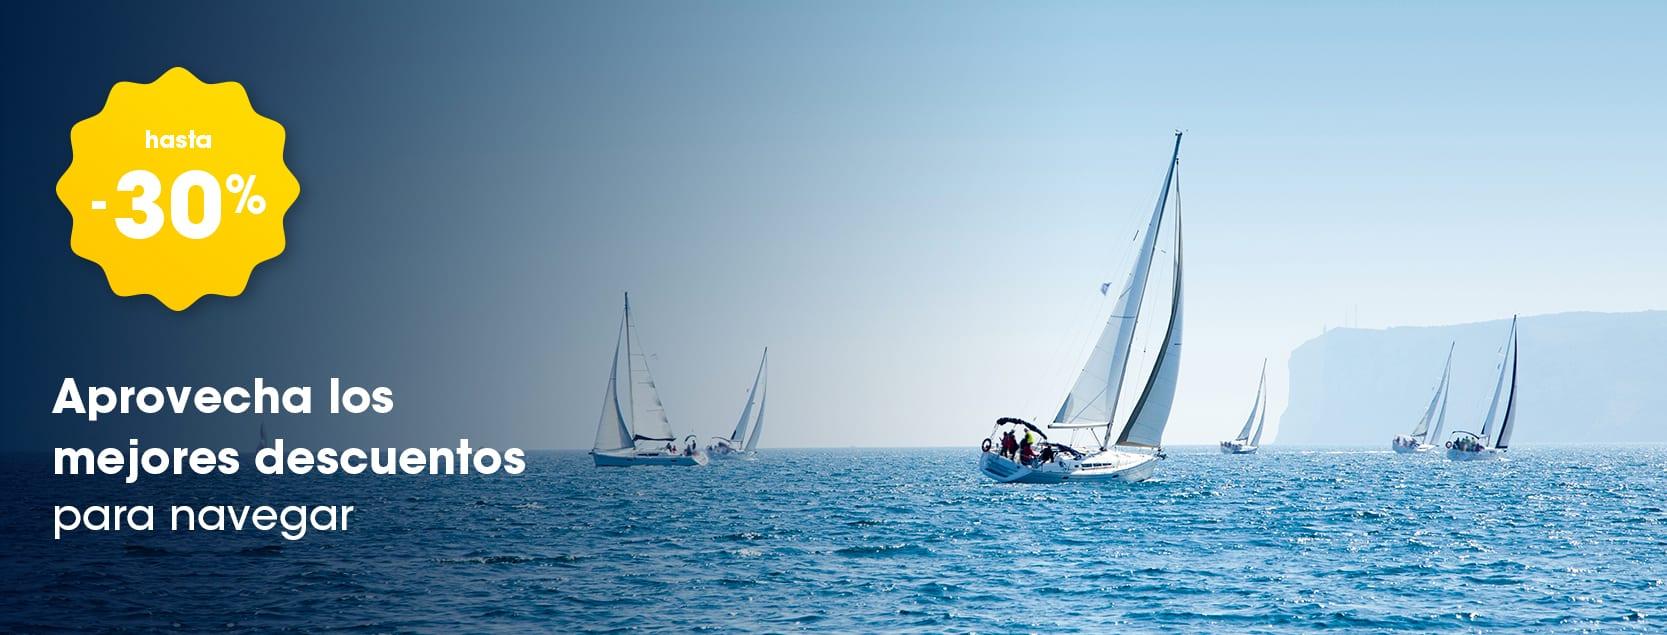 descuentos en cursos nauticos